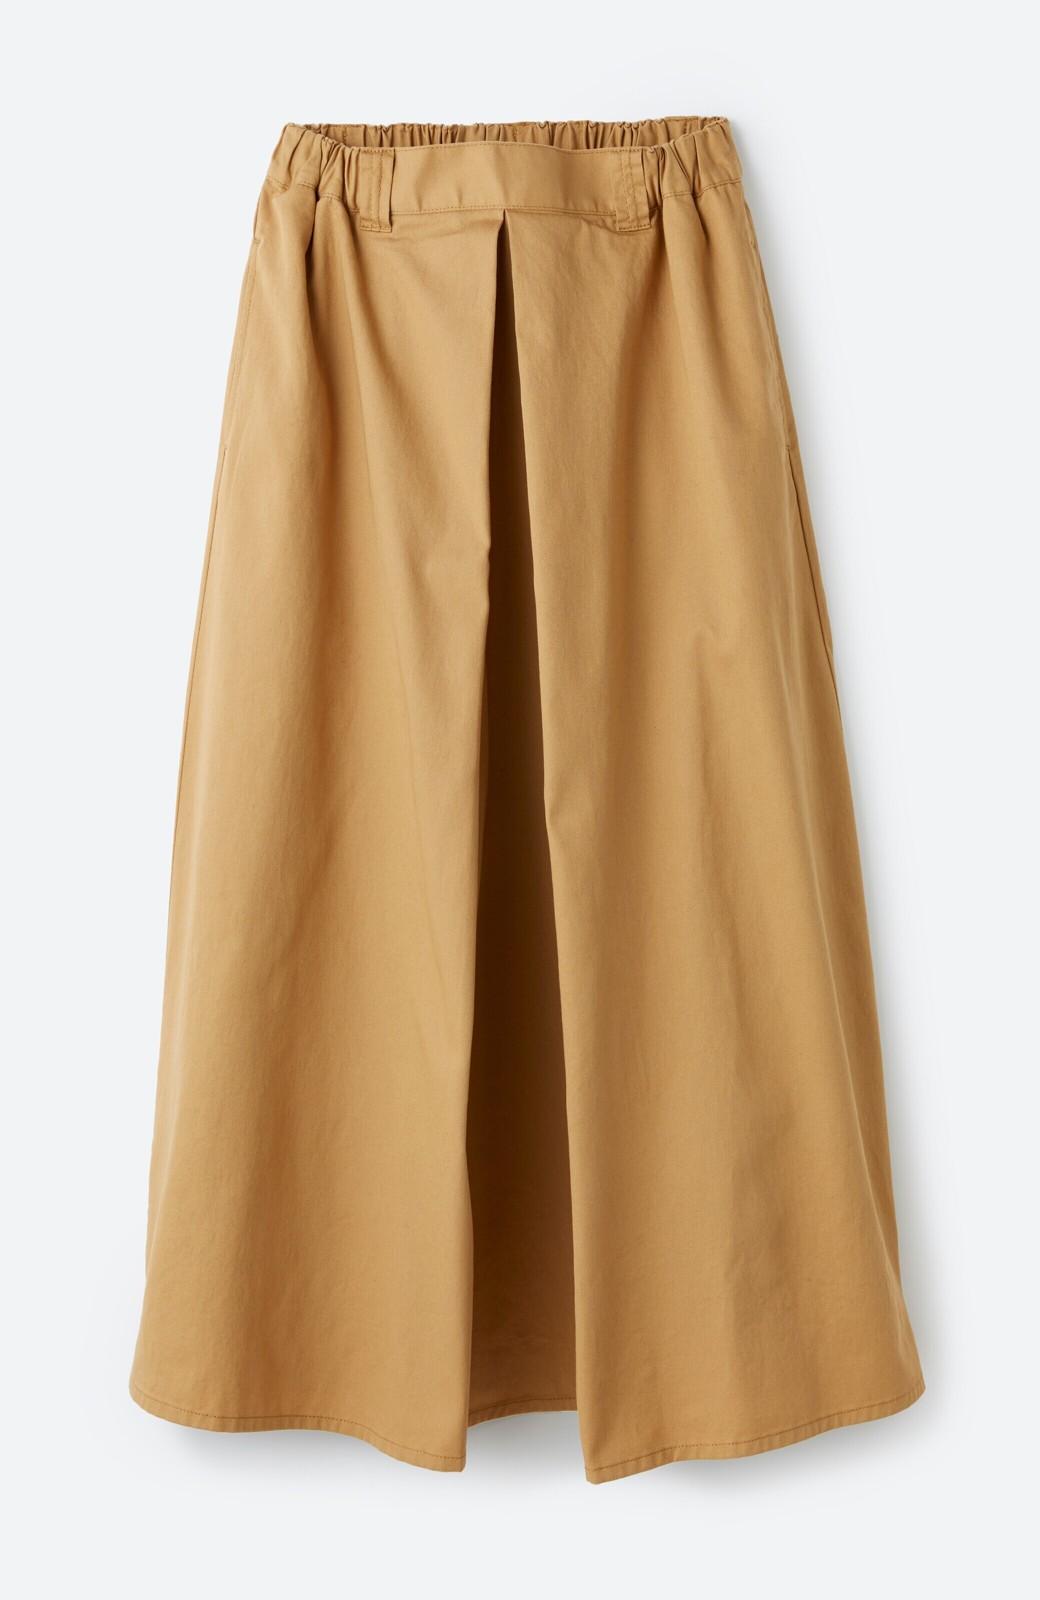 haco! ロングシーズン楽しめる タックボリュームのチノロングスカート <ベージュ>の商品写真2